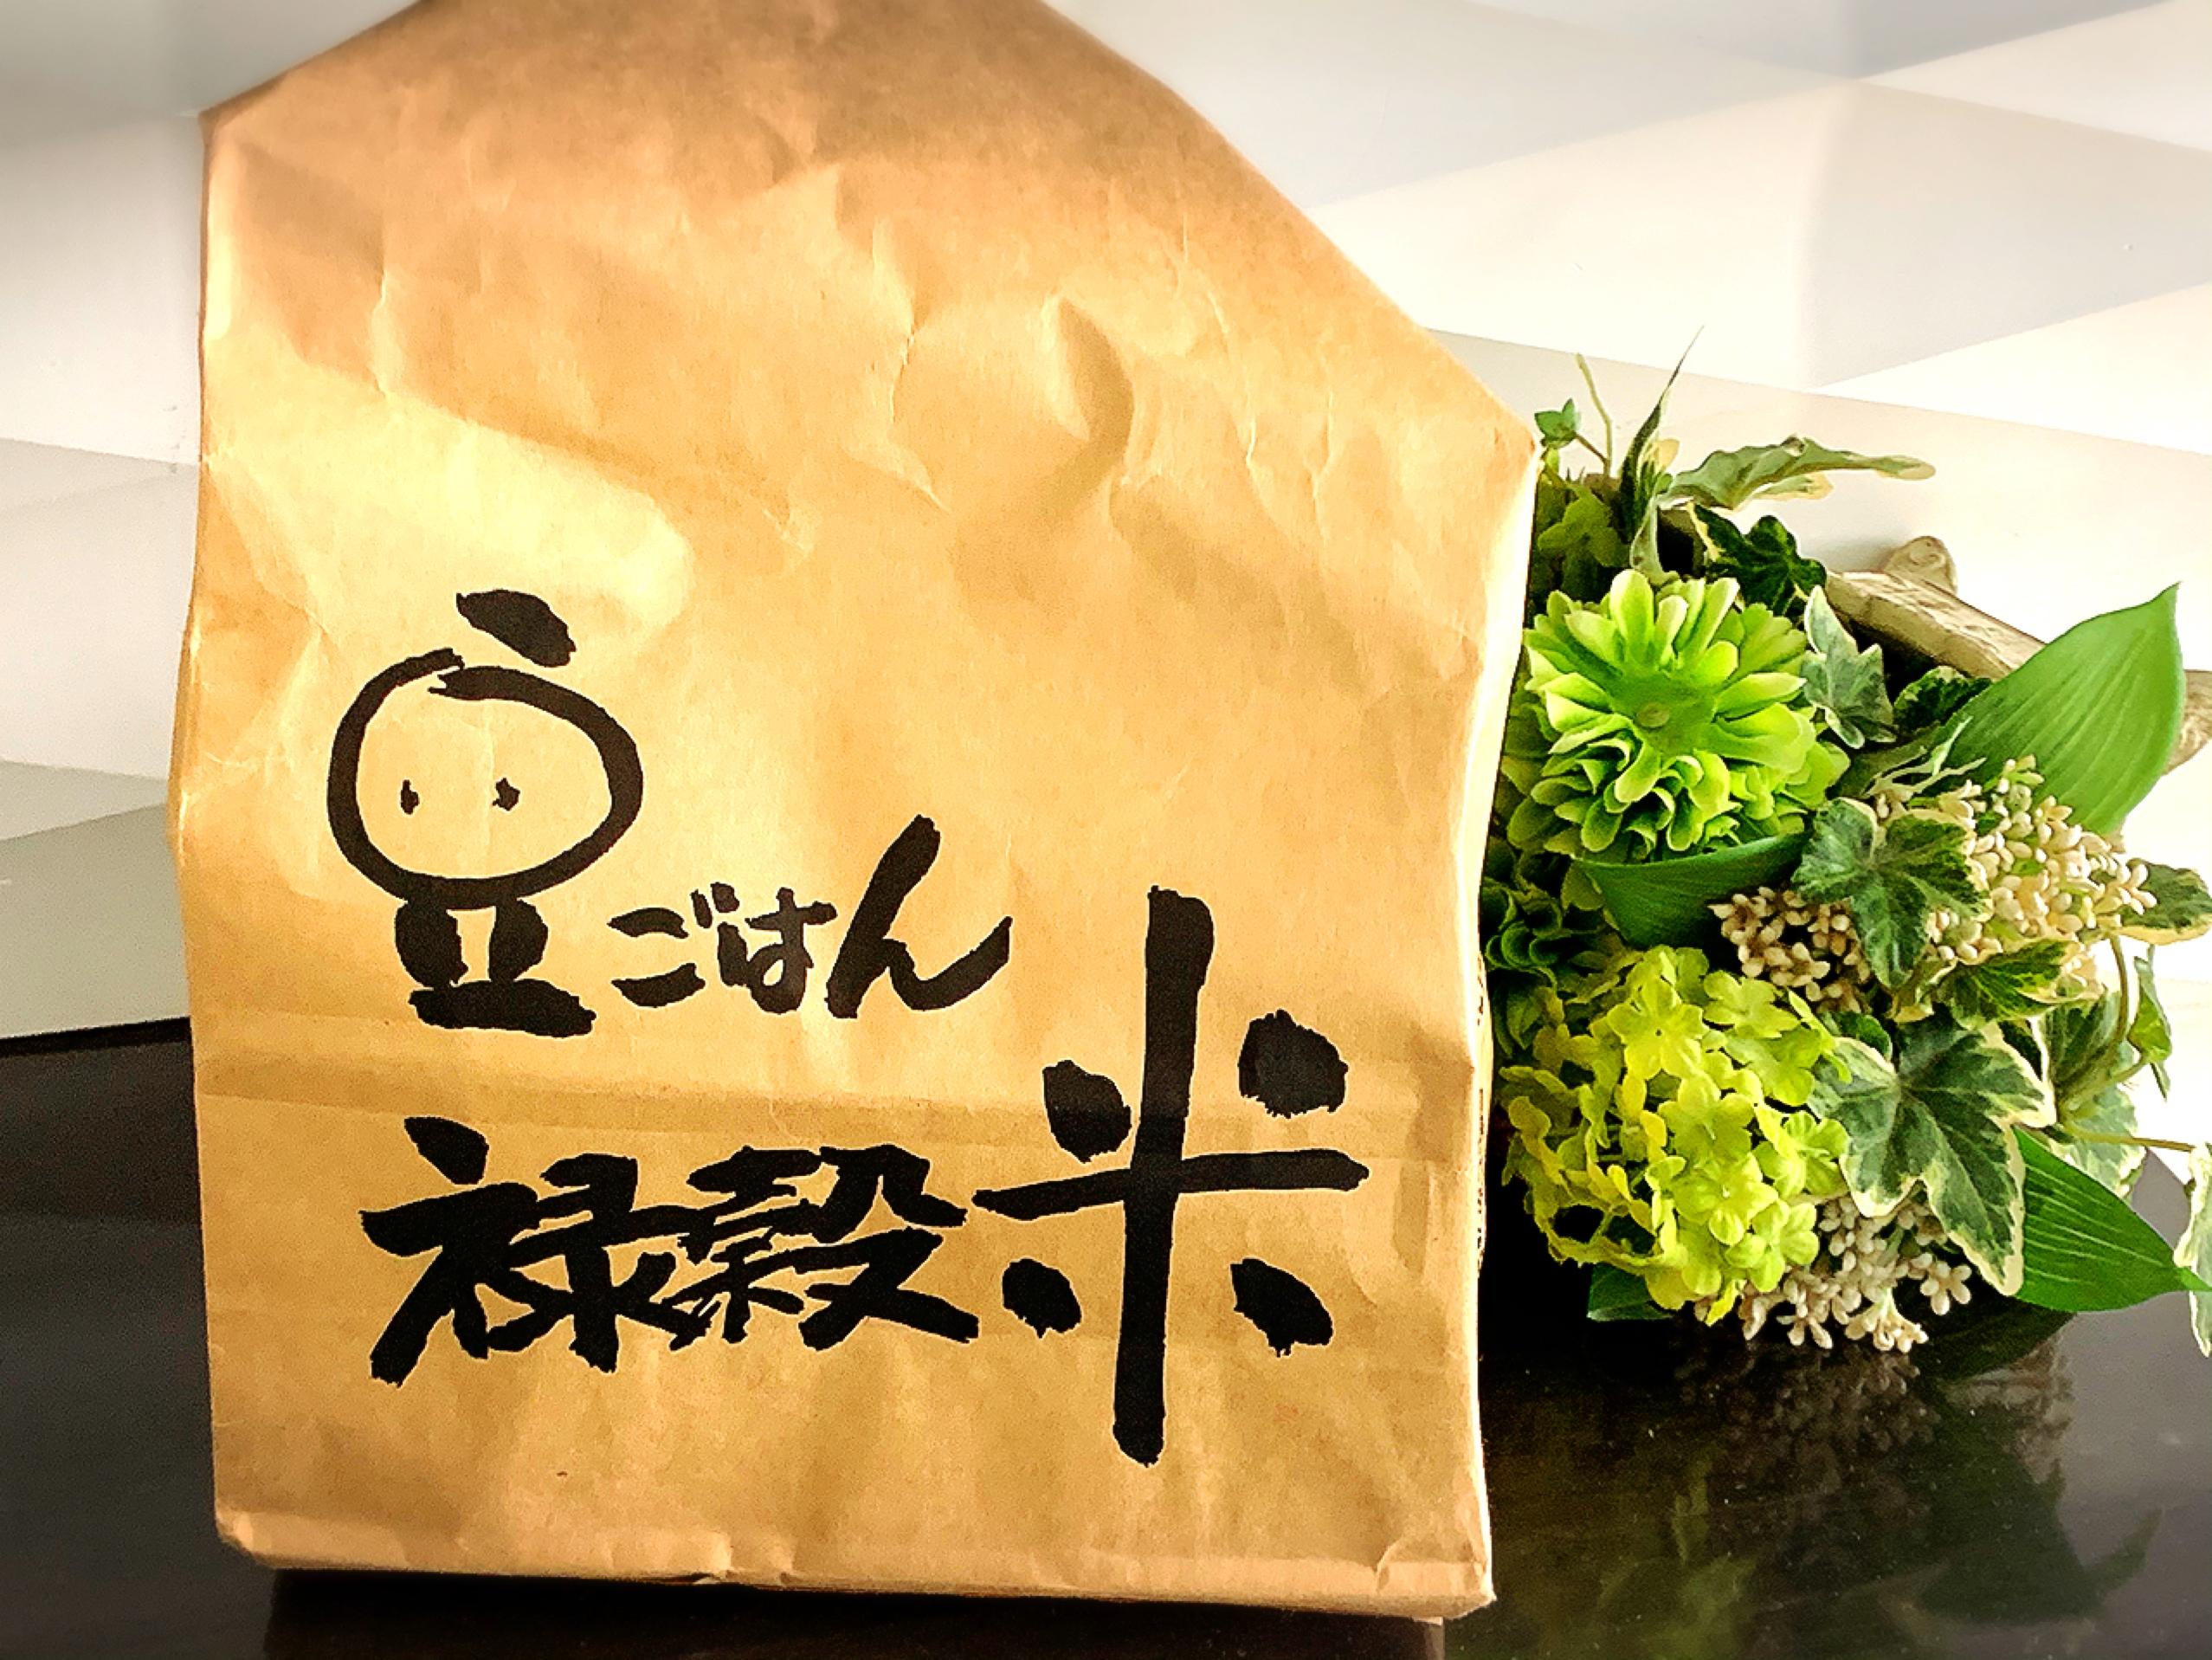 松幸農産の豆ごはん@chieko Healthy diet